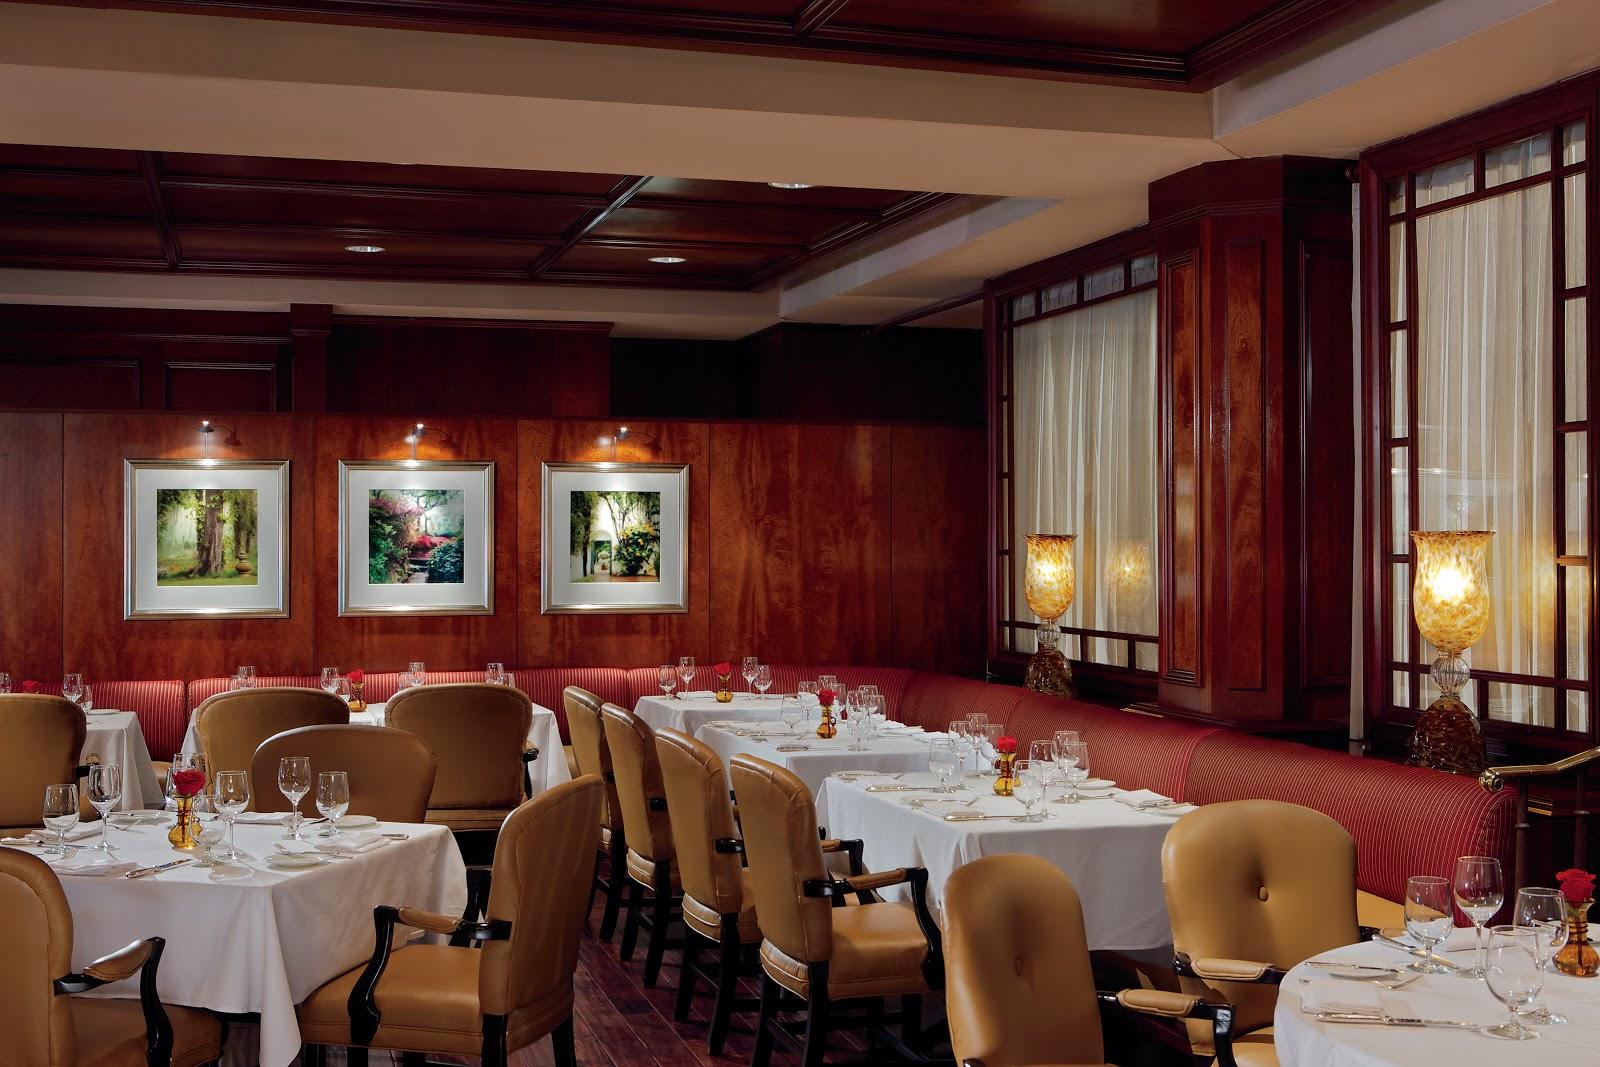 The Ritz Carlton Atlanta Tea Room